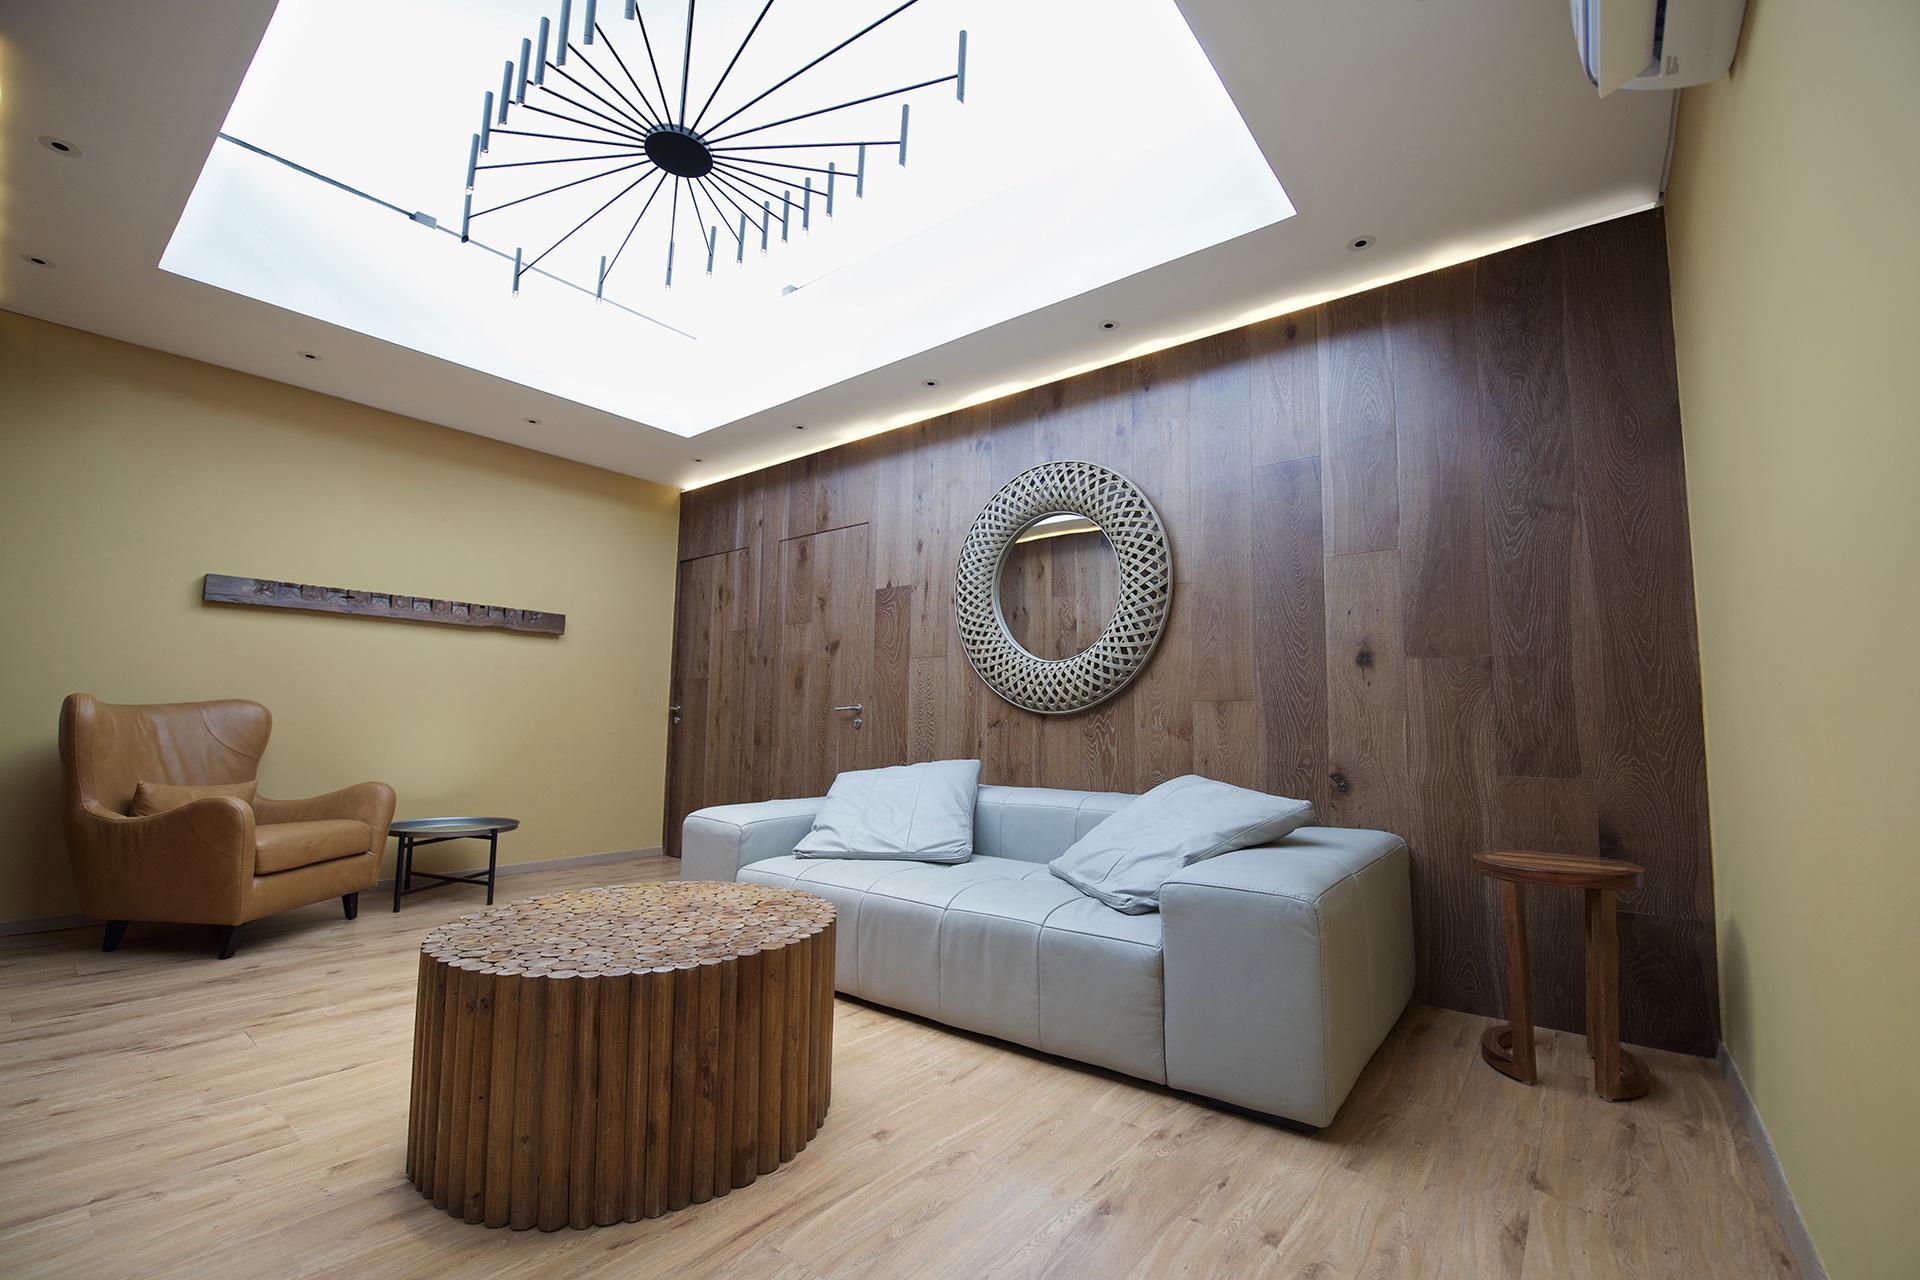 Sala Domo en Villa Tres Marías diseñado por Alvaluz | alvaluz.com